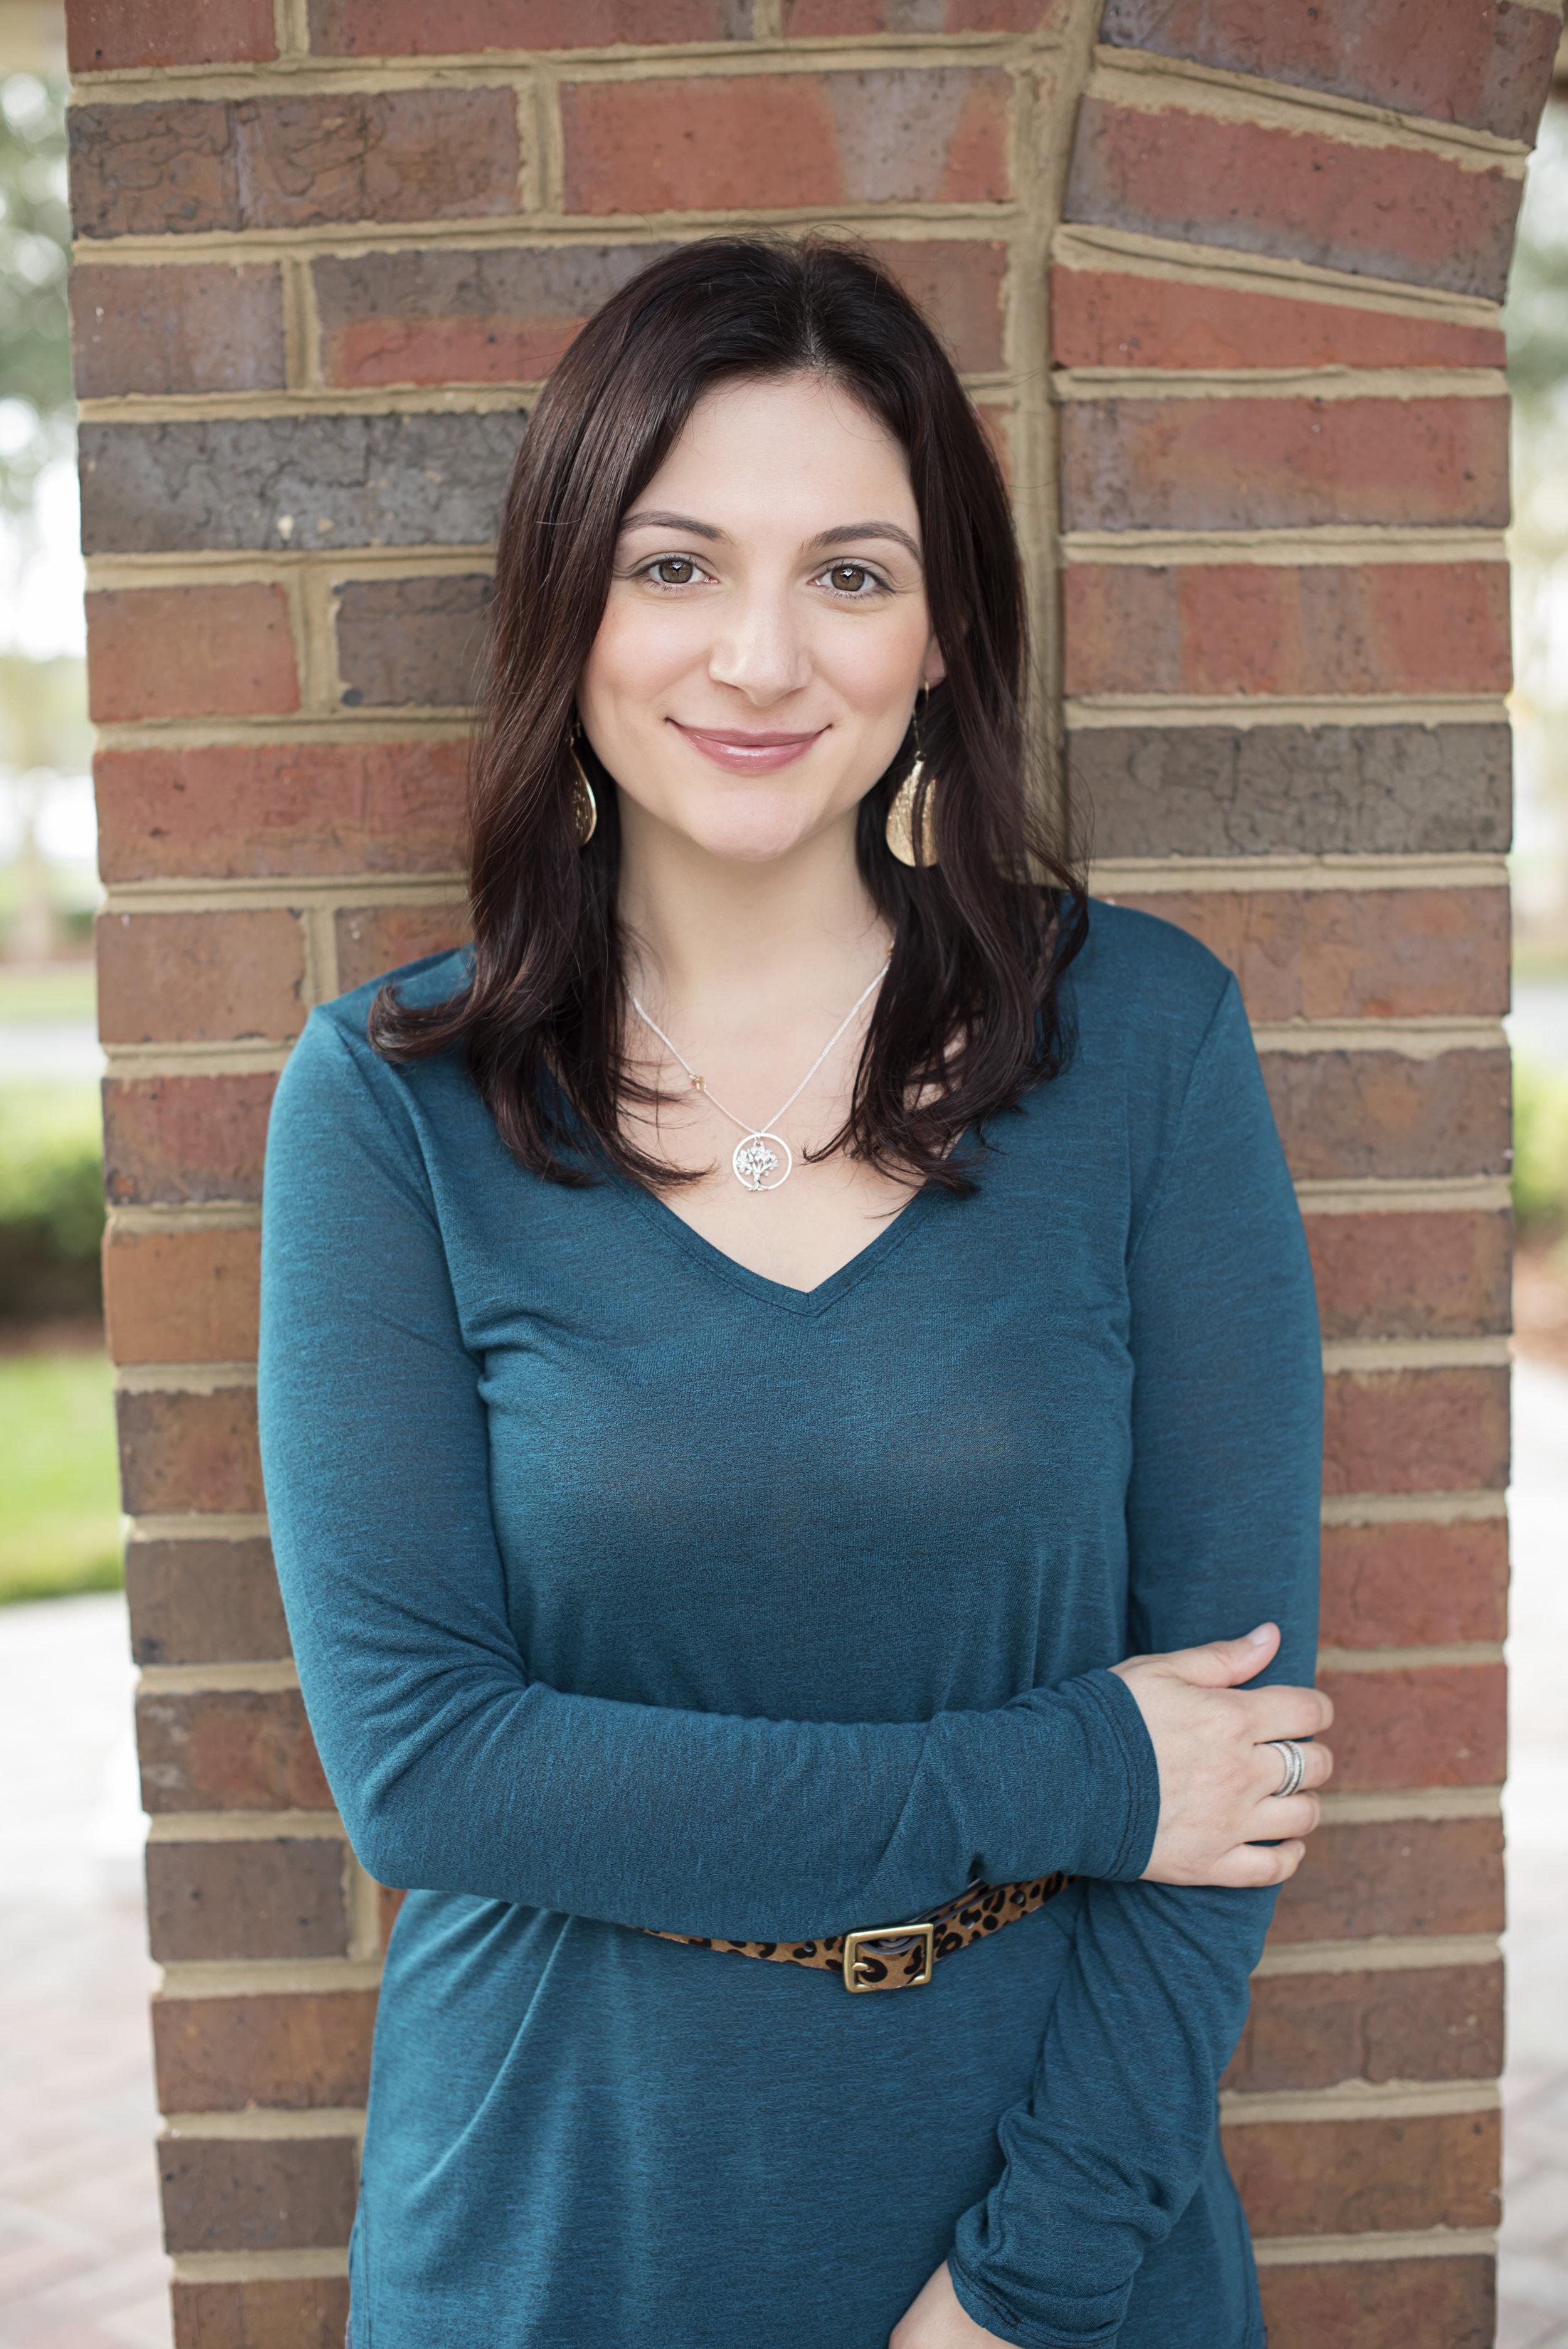 Erika Holmes | Erika Vidal Holmes